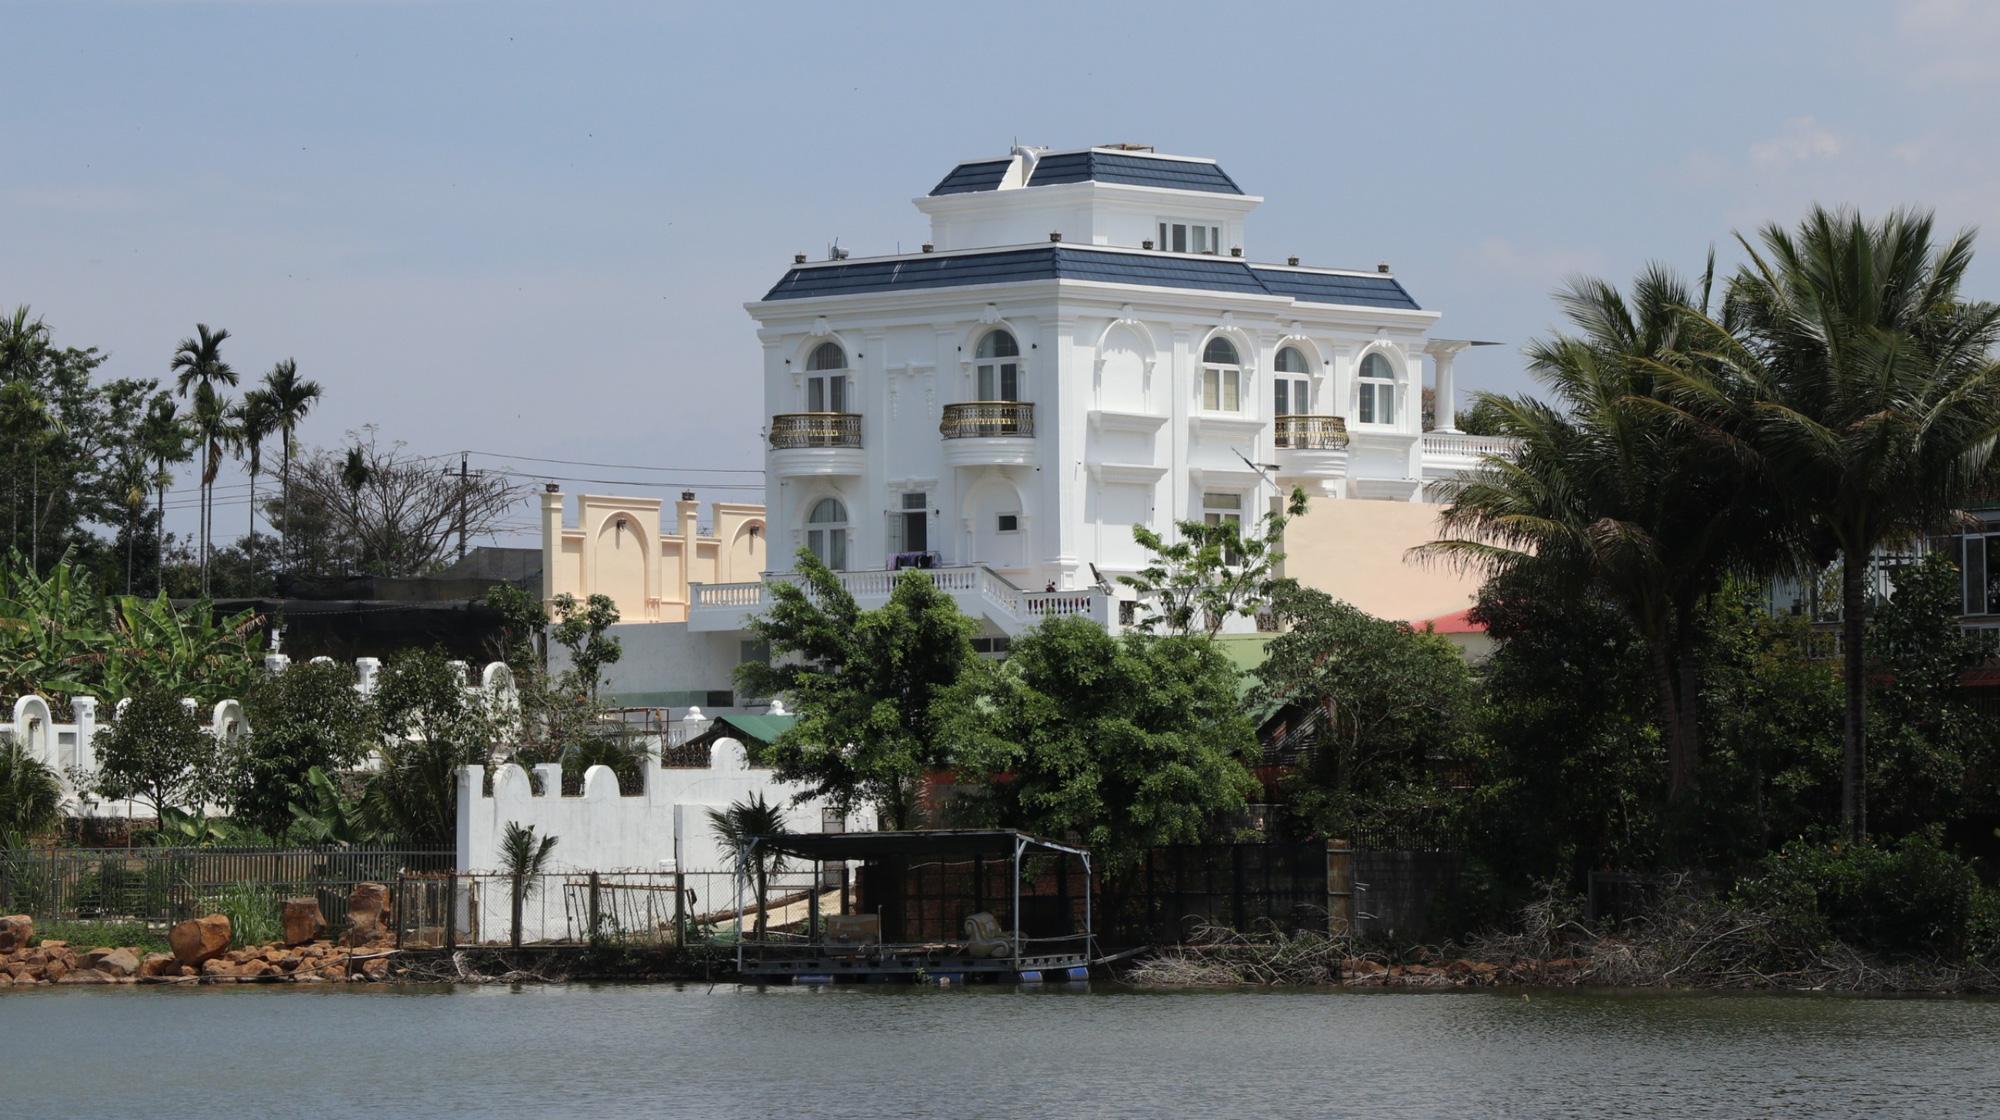 """Lâm Đồng: Xây """"biệt thự khủng"""" không phép, thành phố """"bó tay""""? - Ảnh 3."""